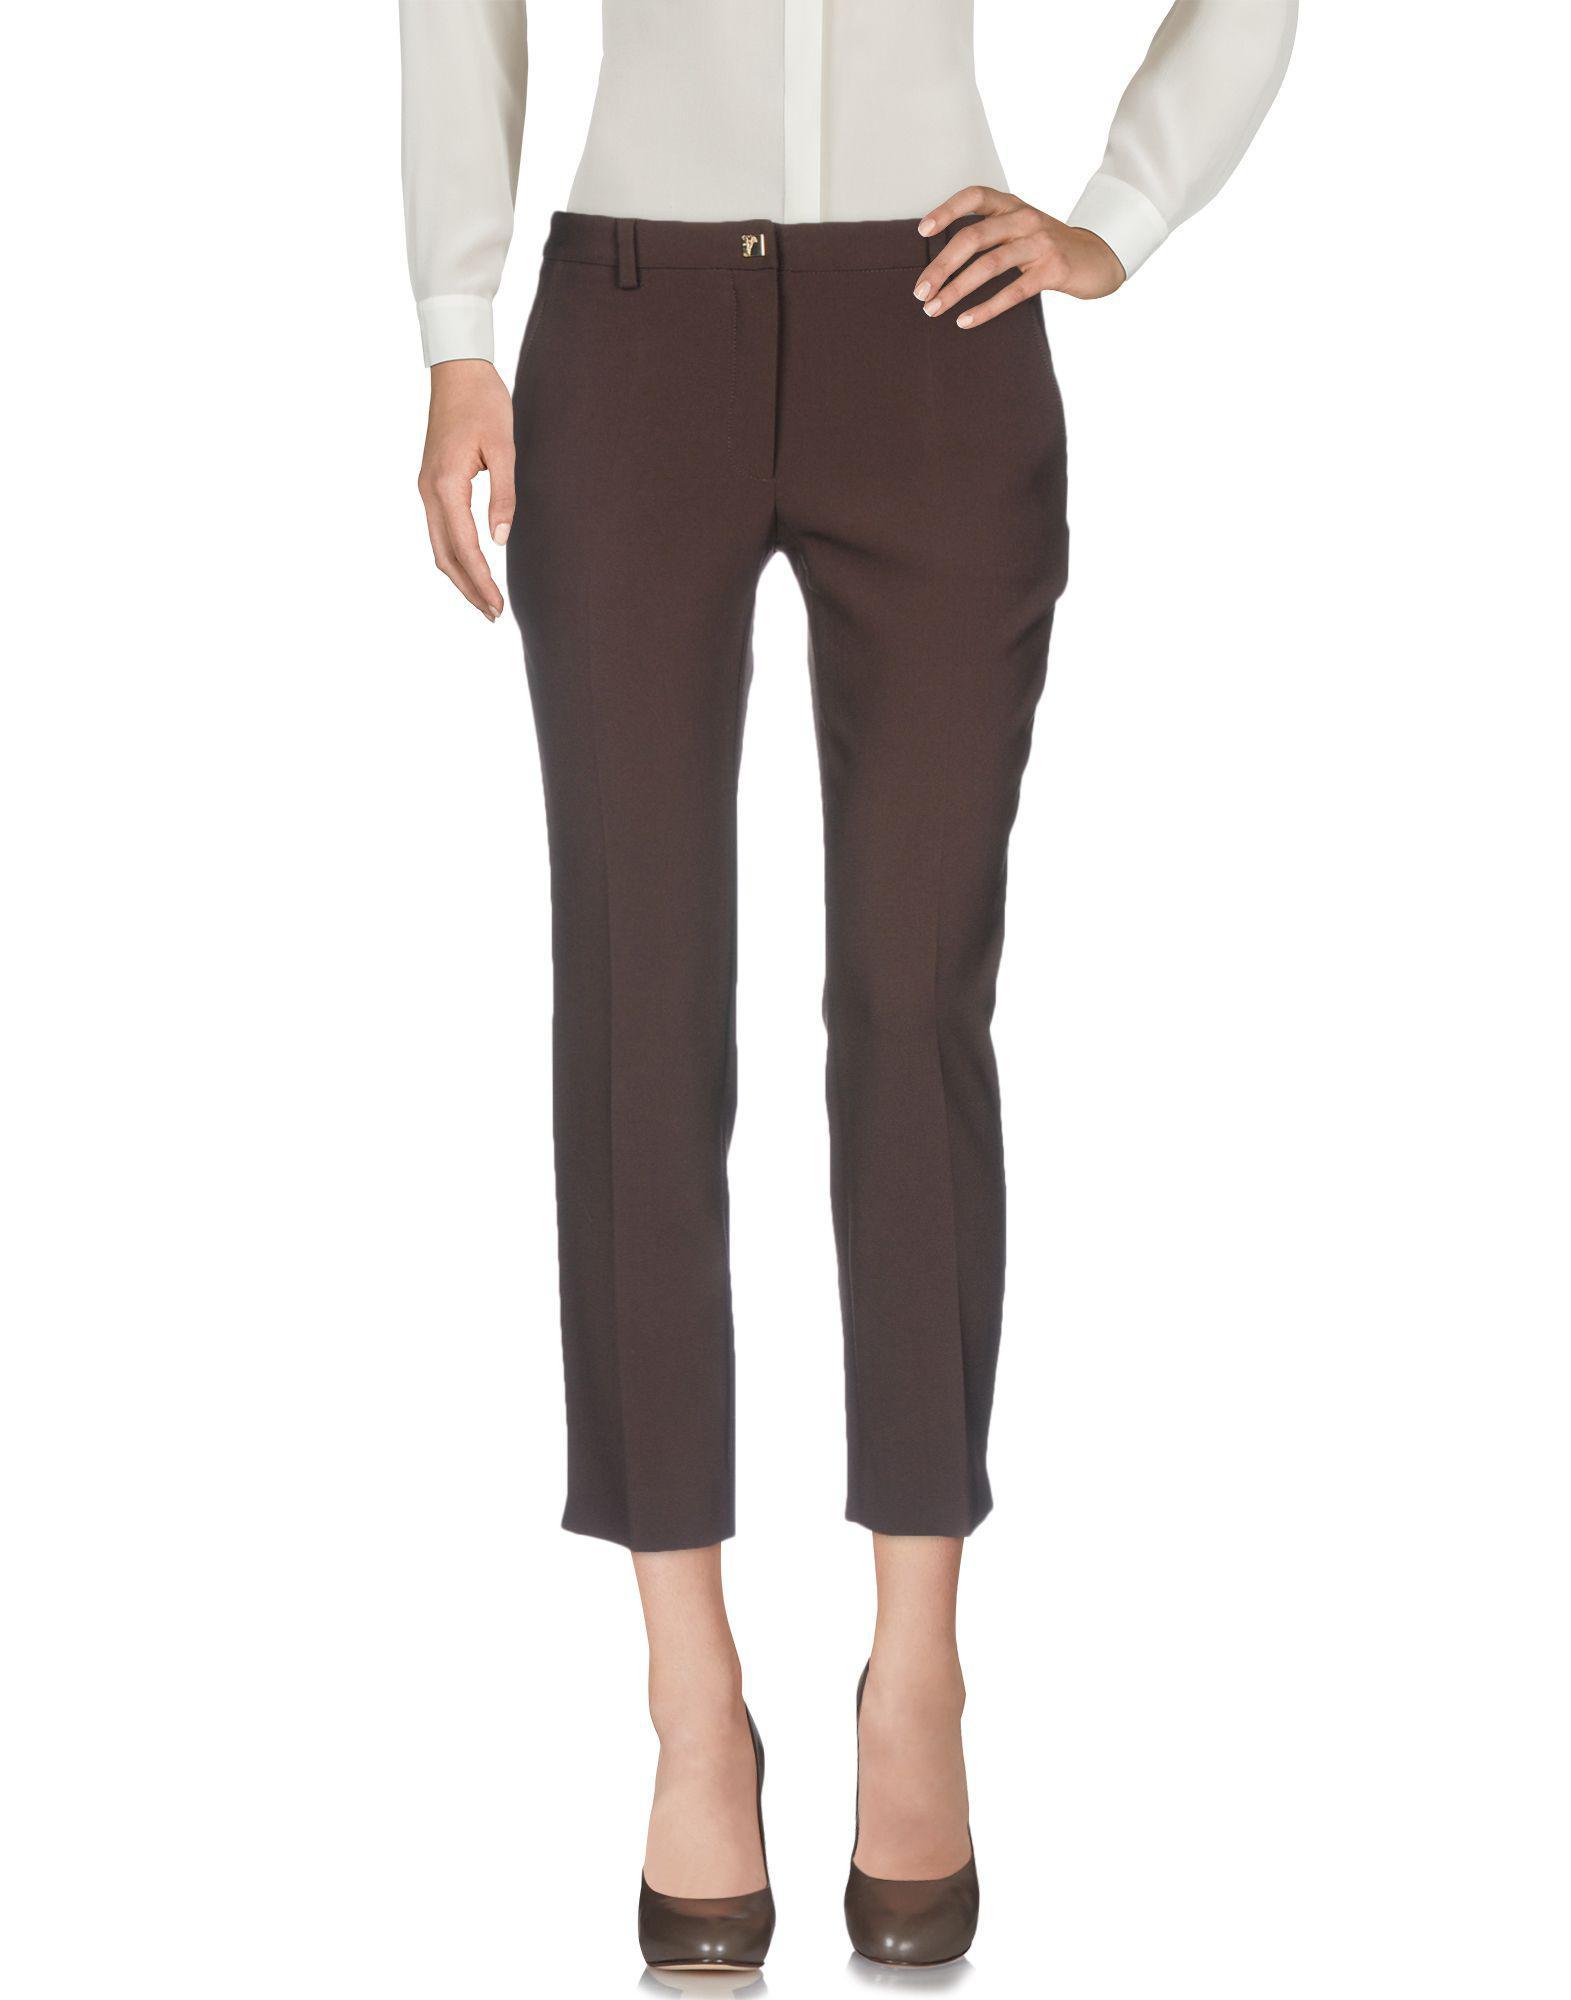 dernière conception styles de mode pas cher pour réduction Pantalon femme de coloris marron